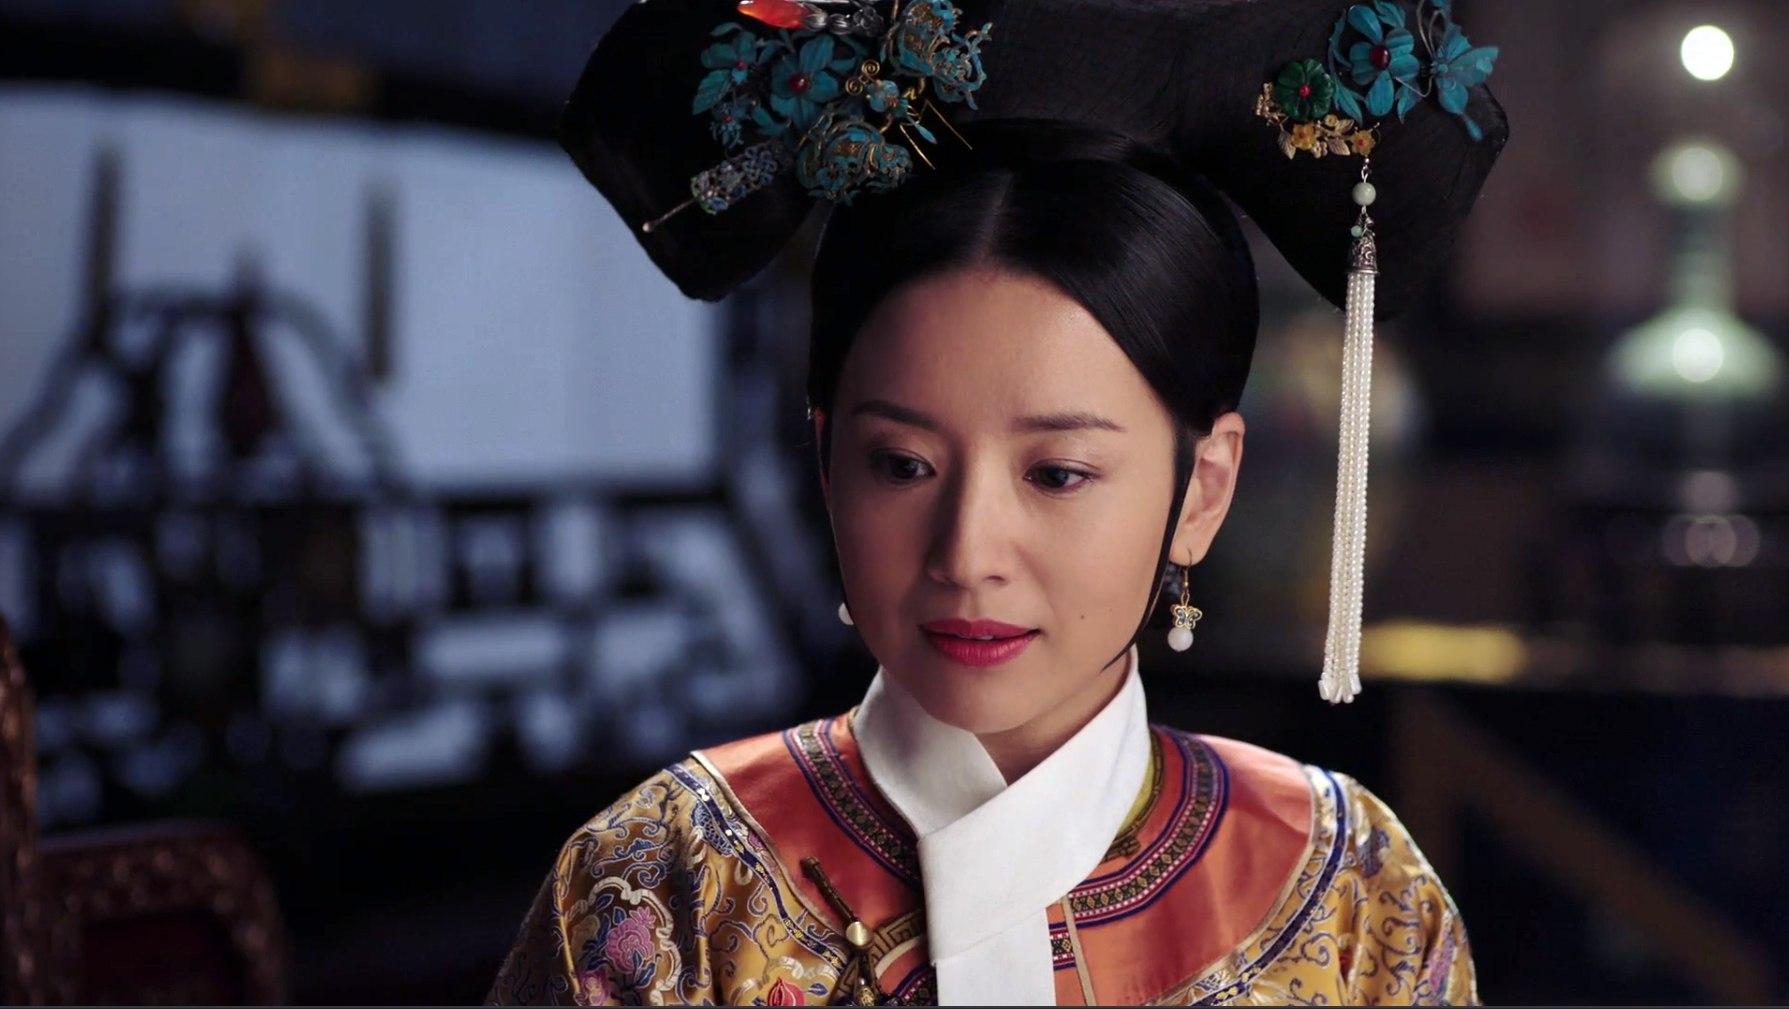 後宮之主皇后娘娘,則多以桃紅色調的純色為主,看起來比較老練、沈穩、成熟,較沒有其他嬪妃較為青春或活潑的感覺。